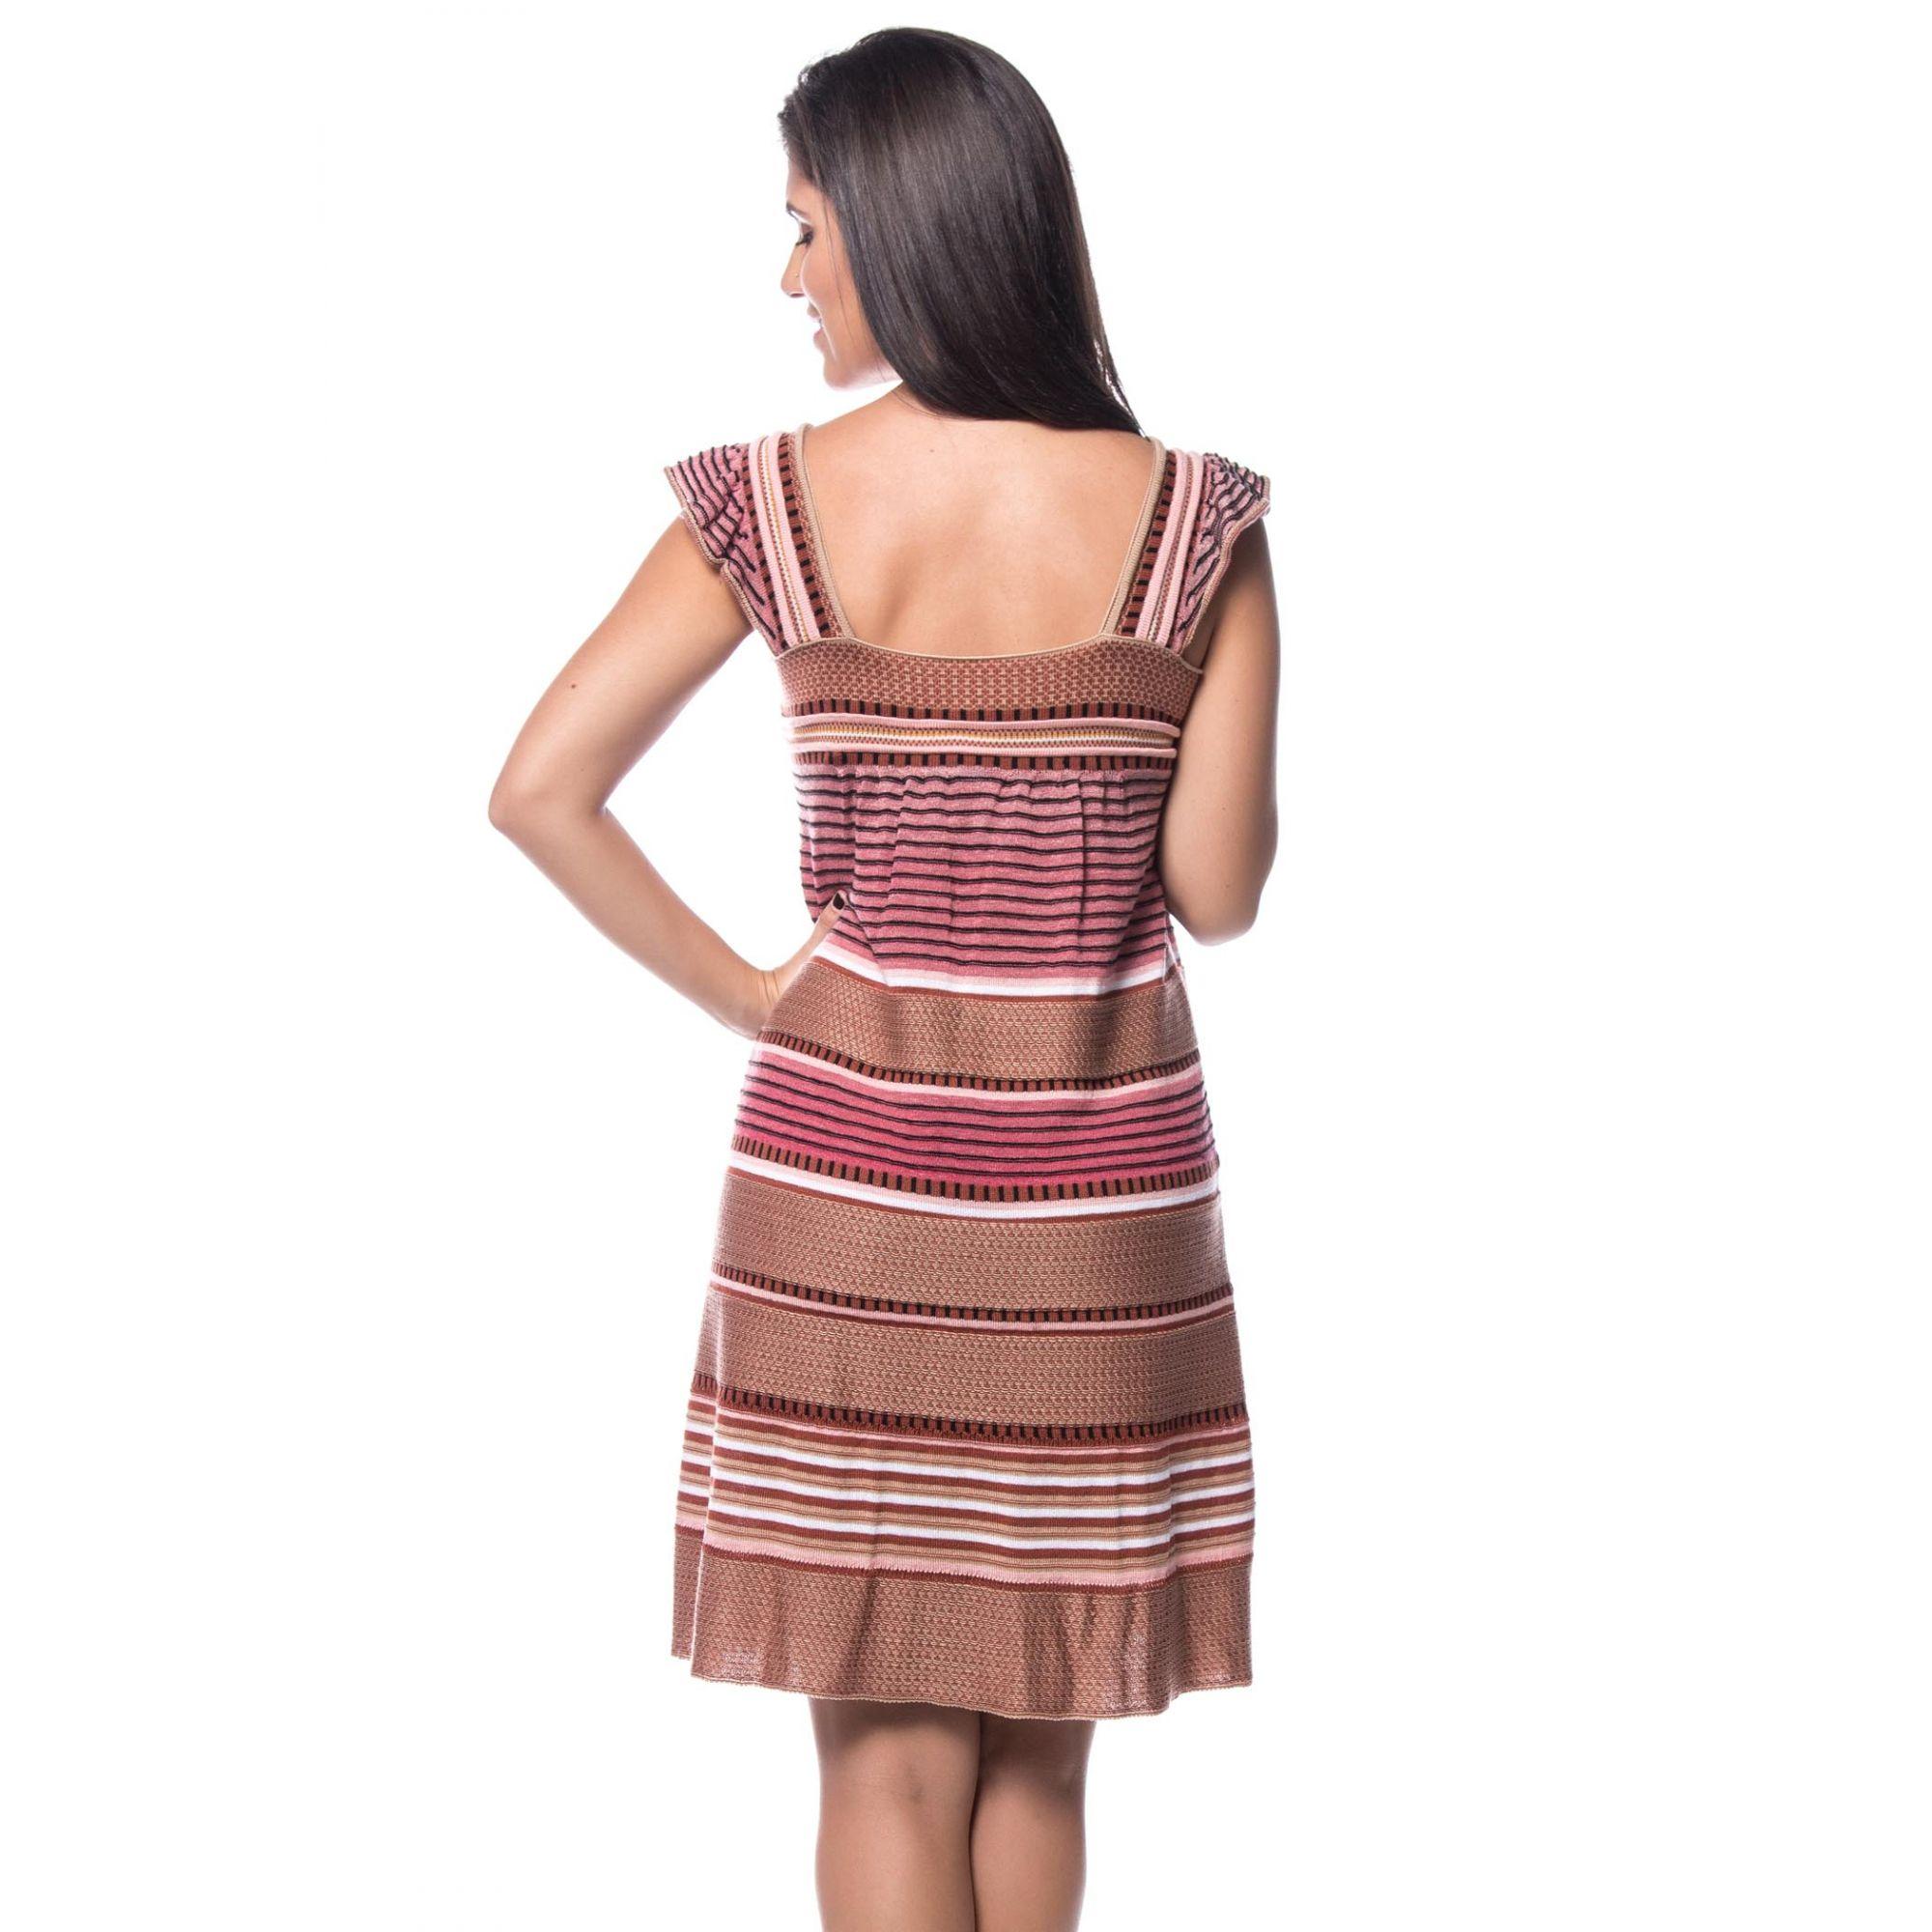 Vestido Curto Evasê Vera Tricot Listrado Feminino Rosé